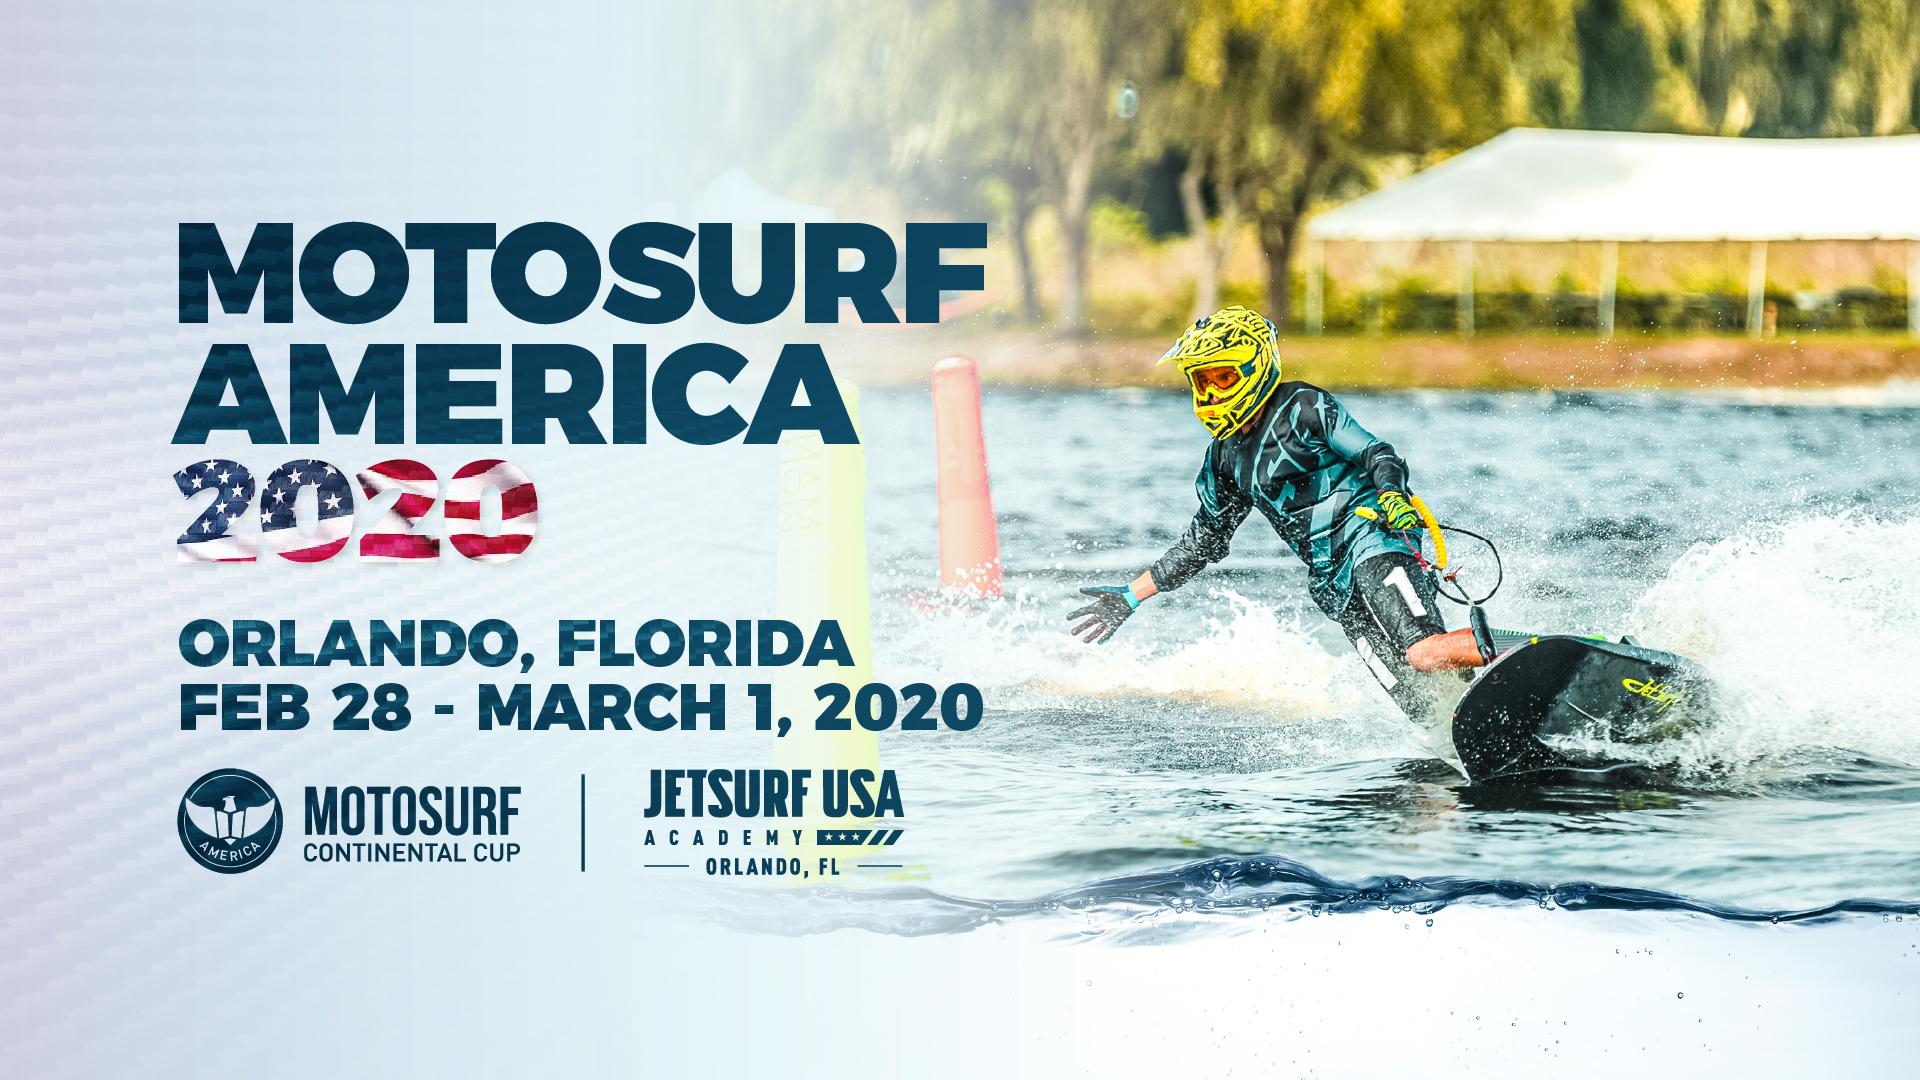 MSA-2019-Orlando-FL-FB-event-cover-1920x1080px